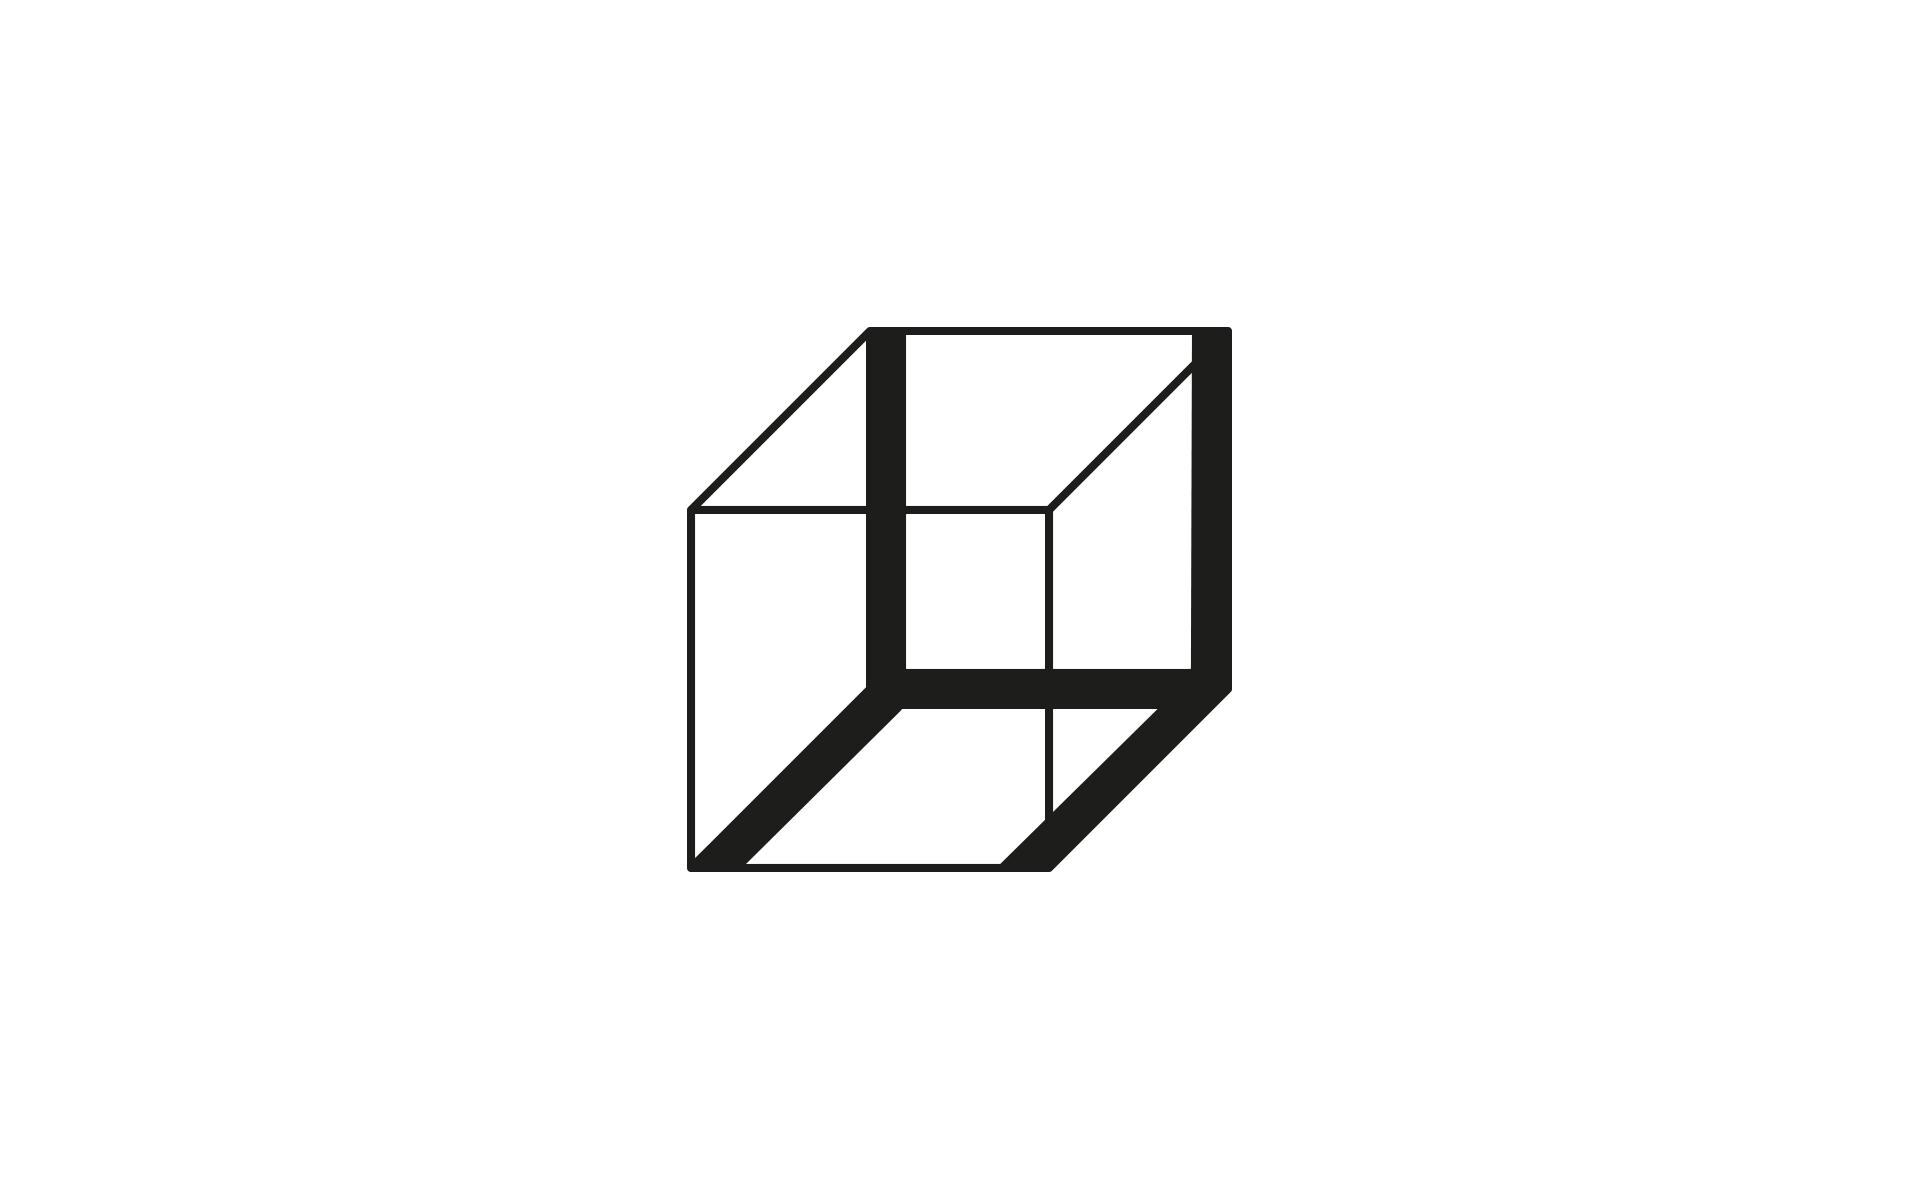 180828_Hackerkiste-Logoentwicklung_02-2